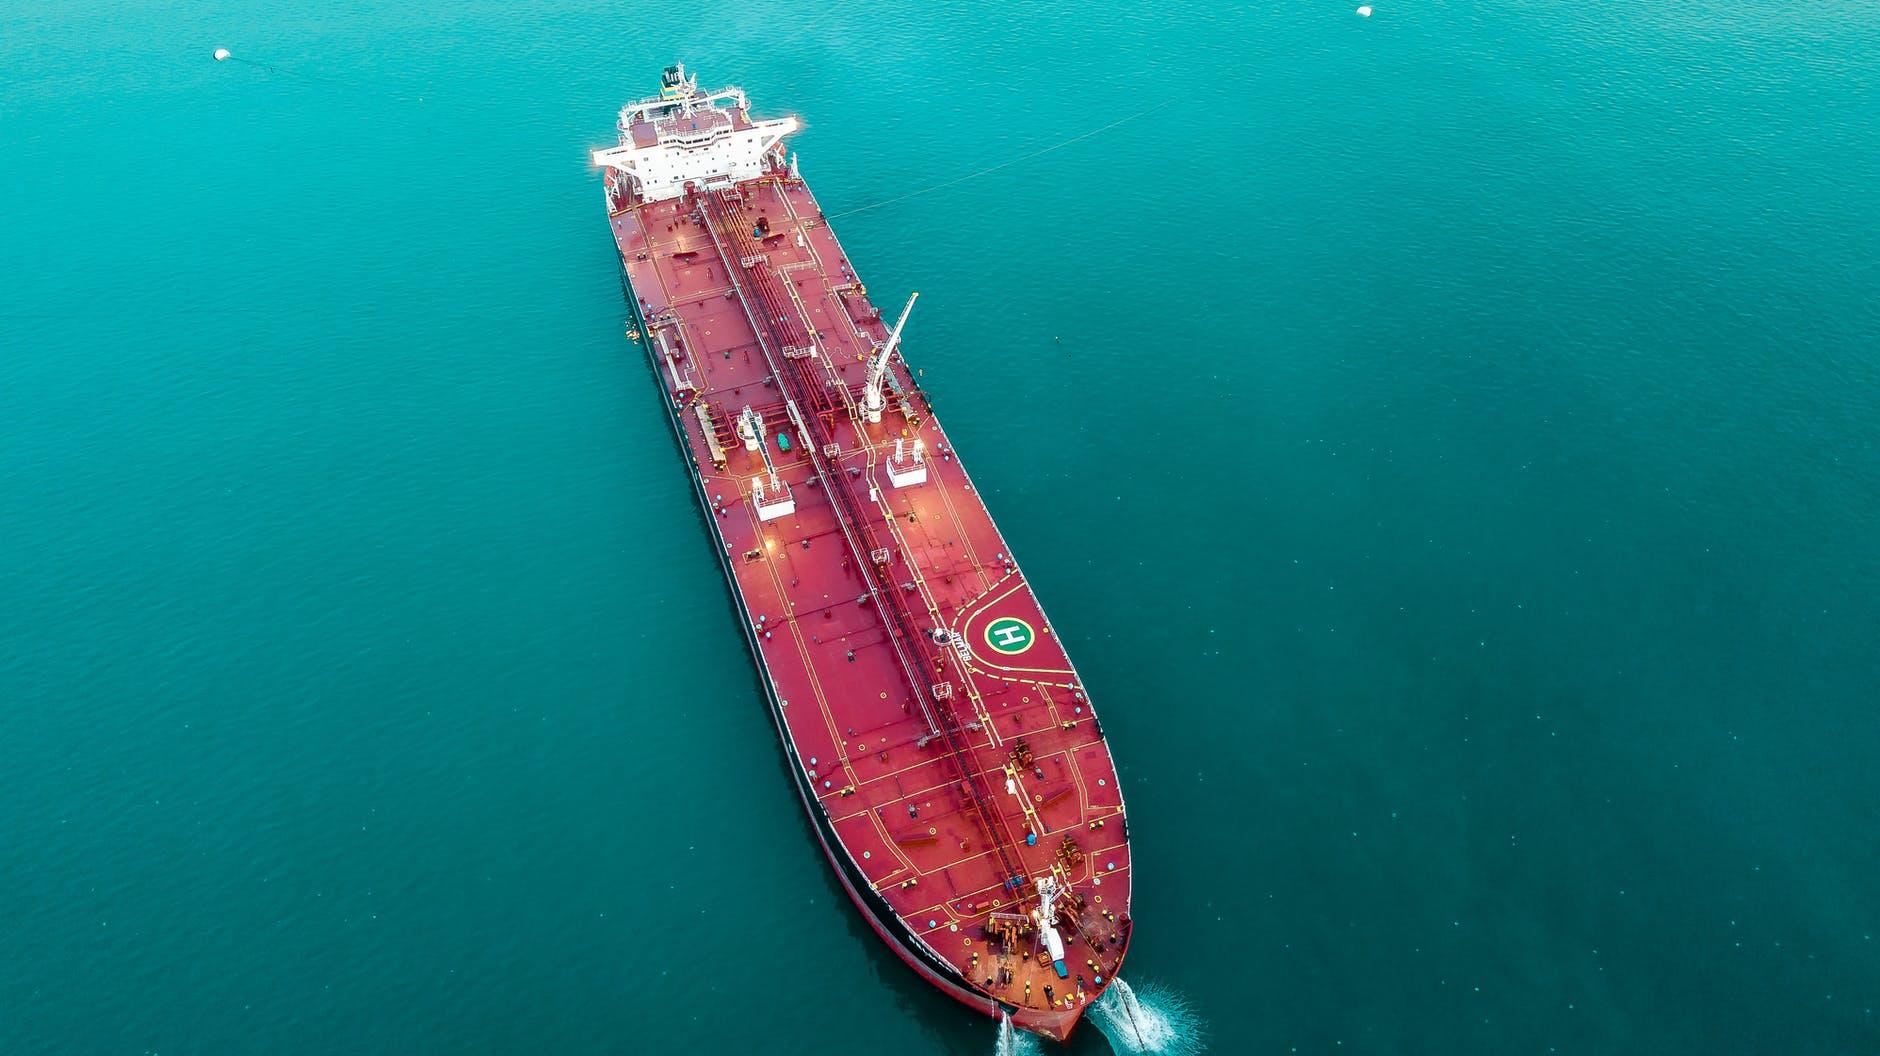 Tankeras para sacar partido al desplome de los futuros de petróleo